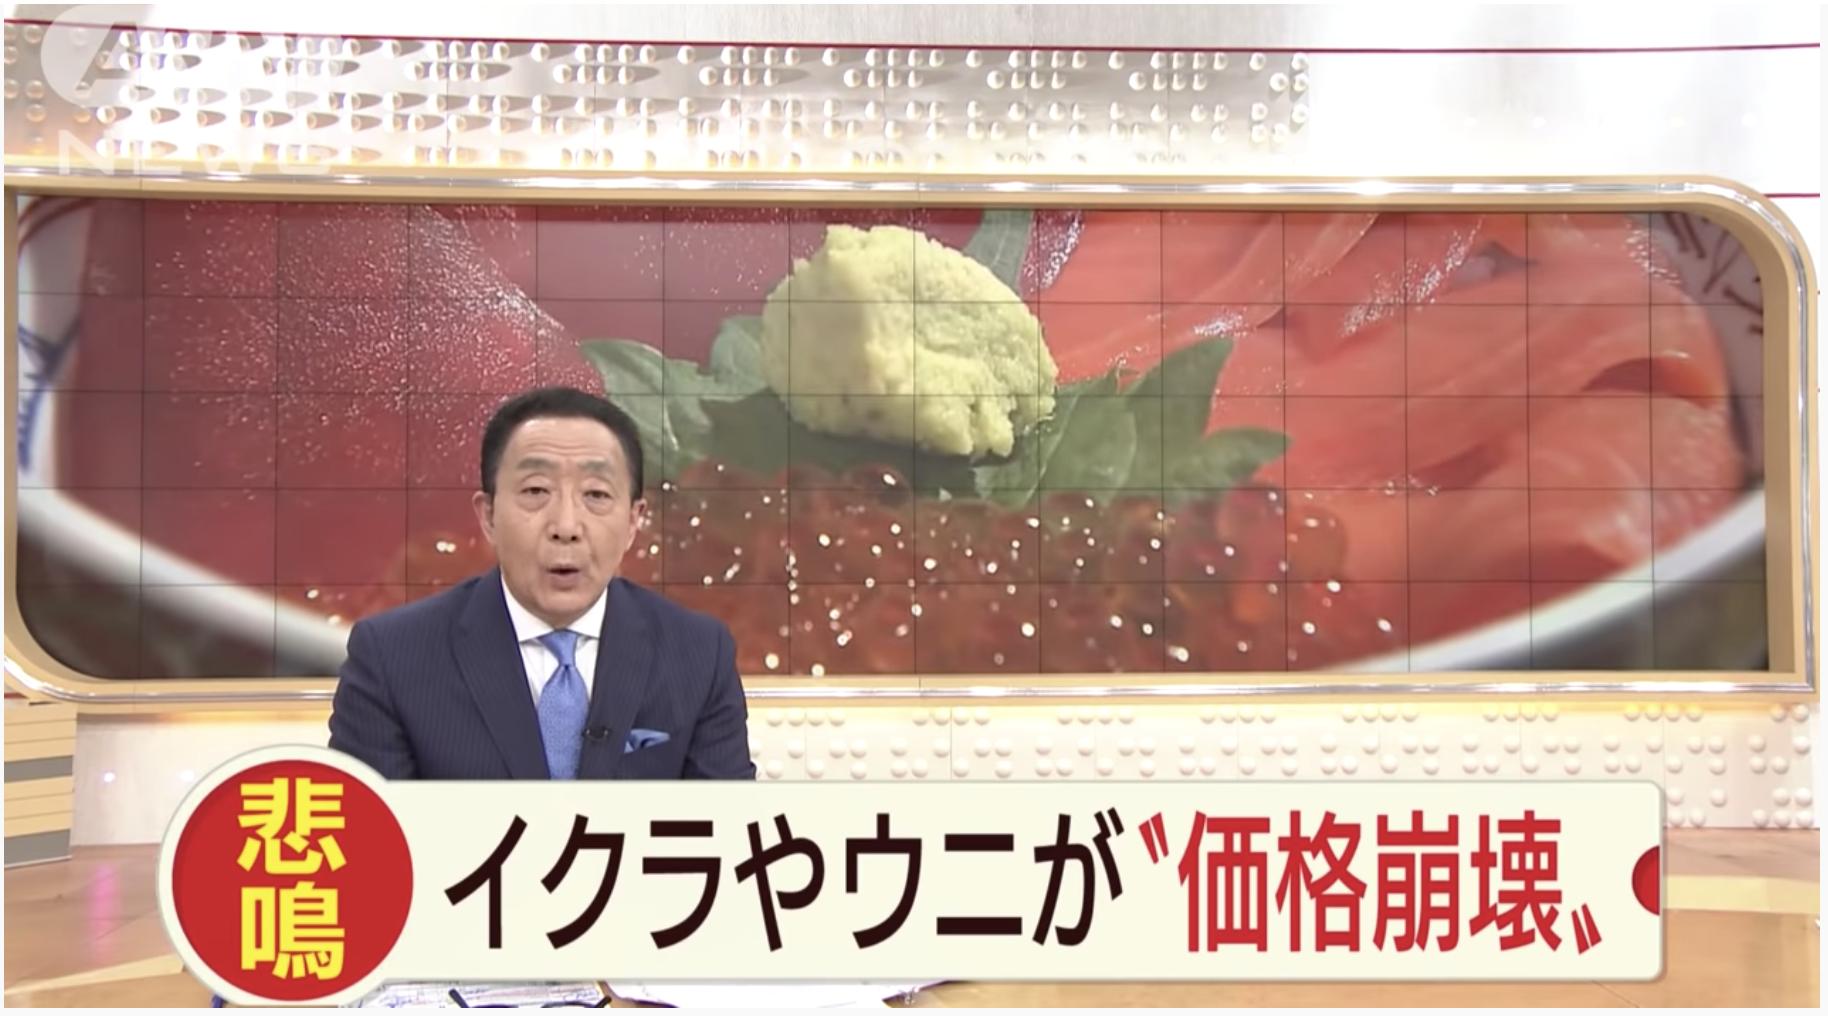 """外食産業落ち込み・・イクラやウニ""""価格崩壊""""で漁師が悲鳴"""